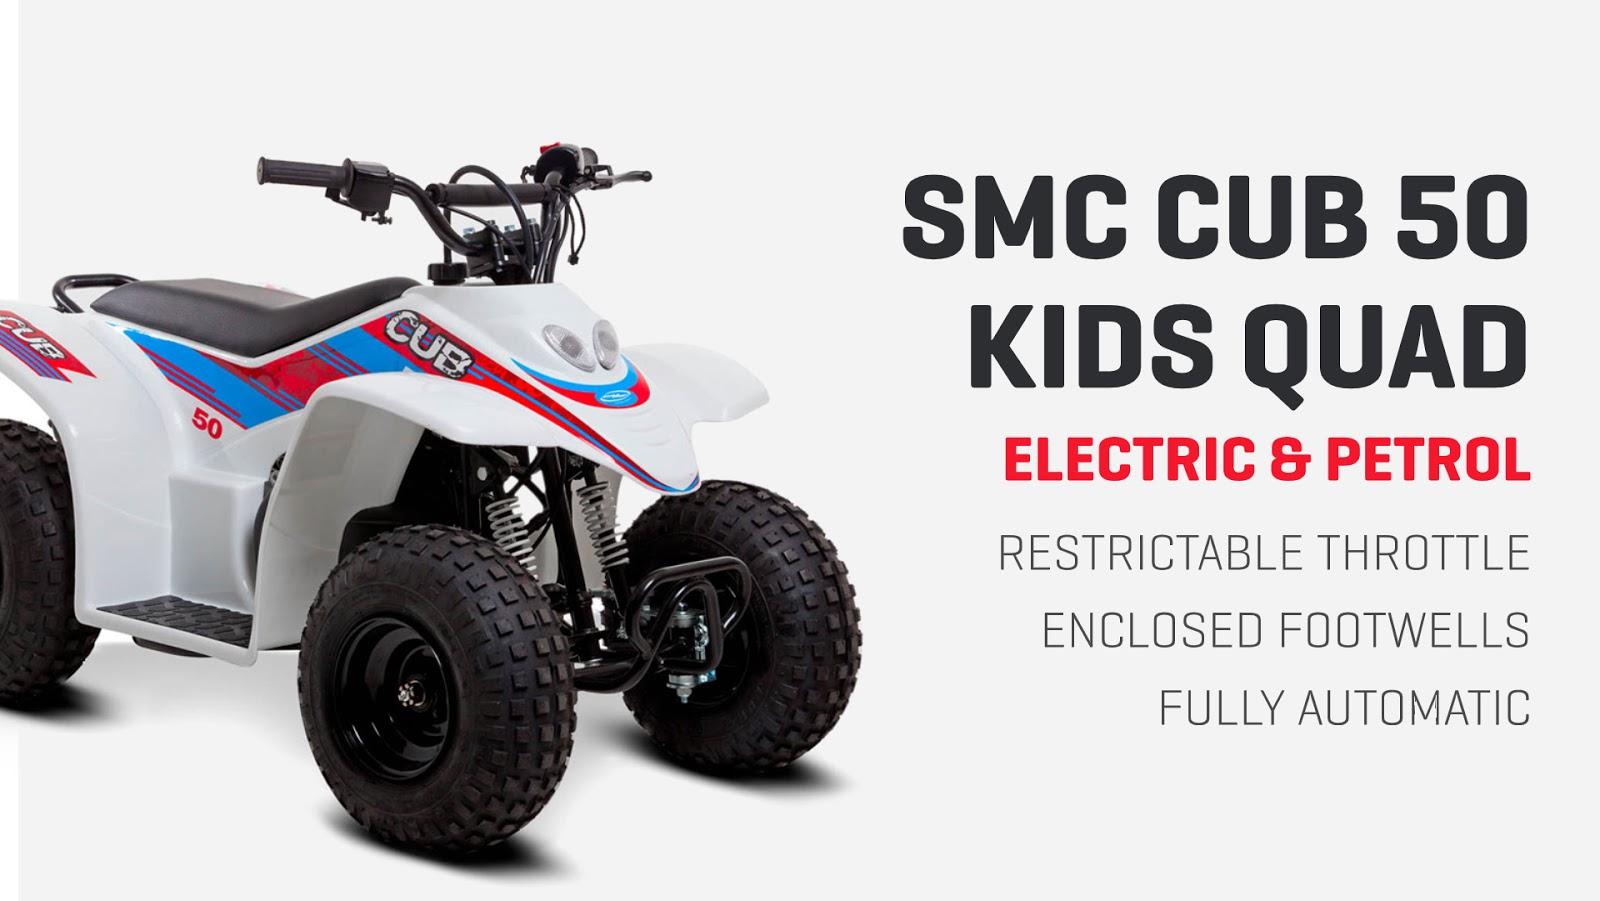 SMC Cub 50 Mini Quad